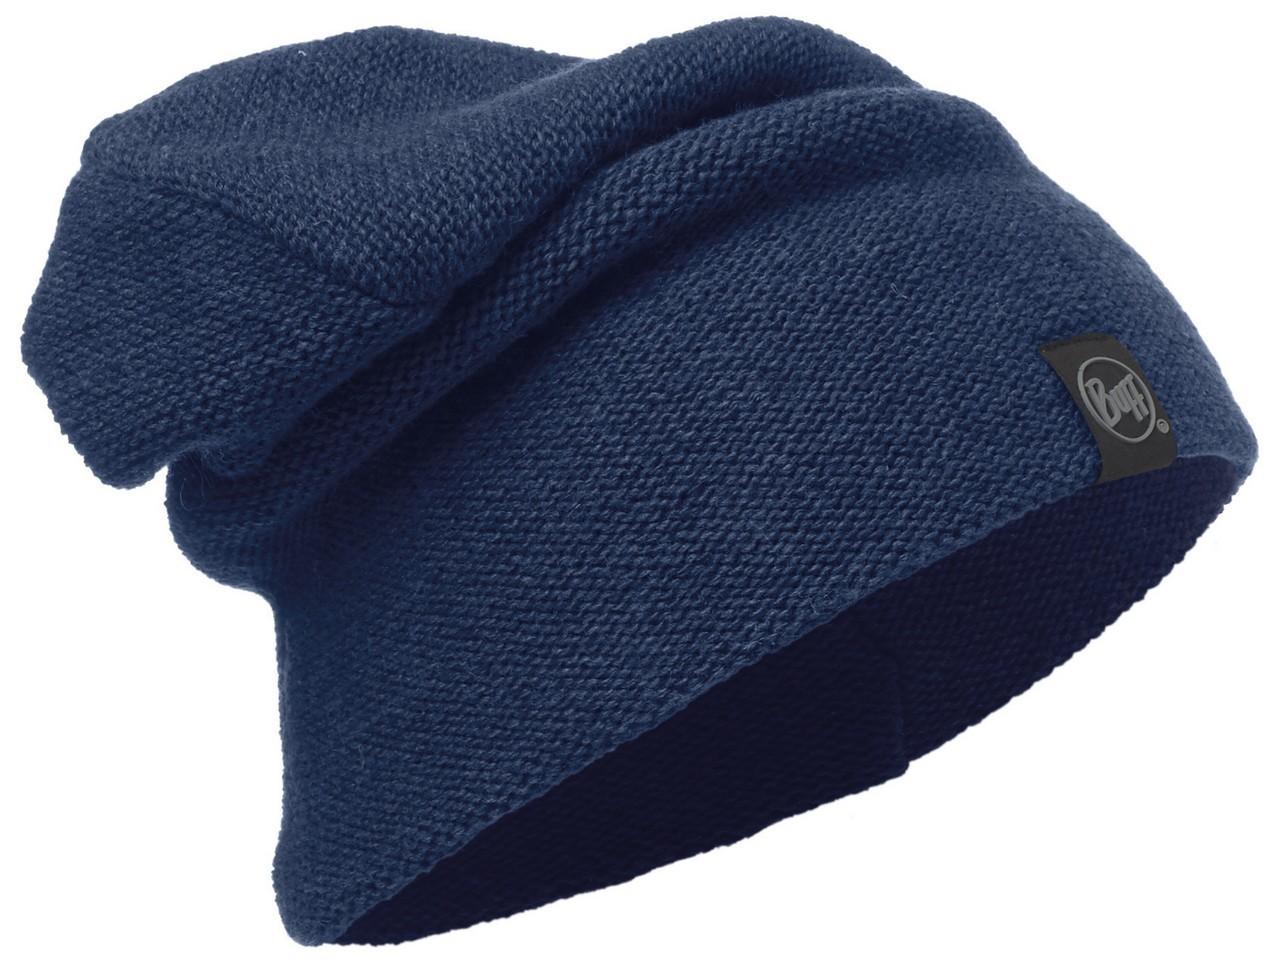 Длинные шапки Вязаная шапка-бини Buff Colt Dark Denim 116028.766.10.00.jpg